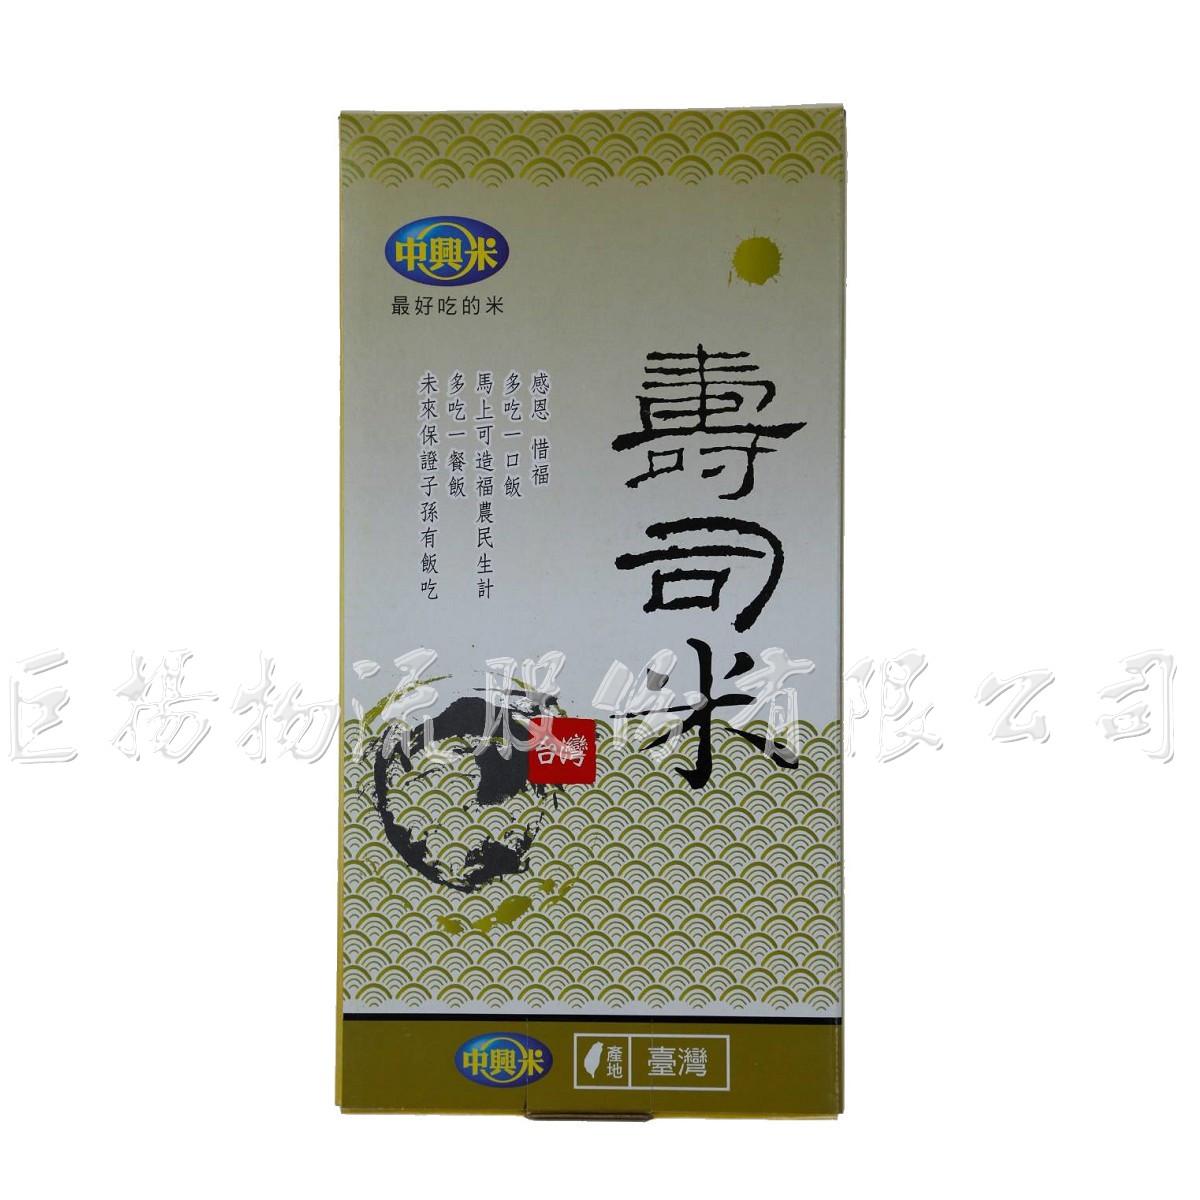 五層壽司米(一公斤裝)罐頭山蓮花立體四面有燈光罐頭塔燈光柱